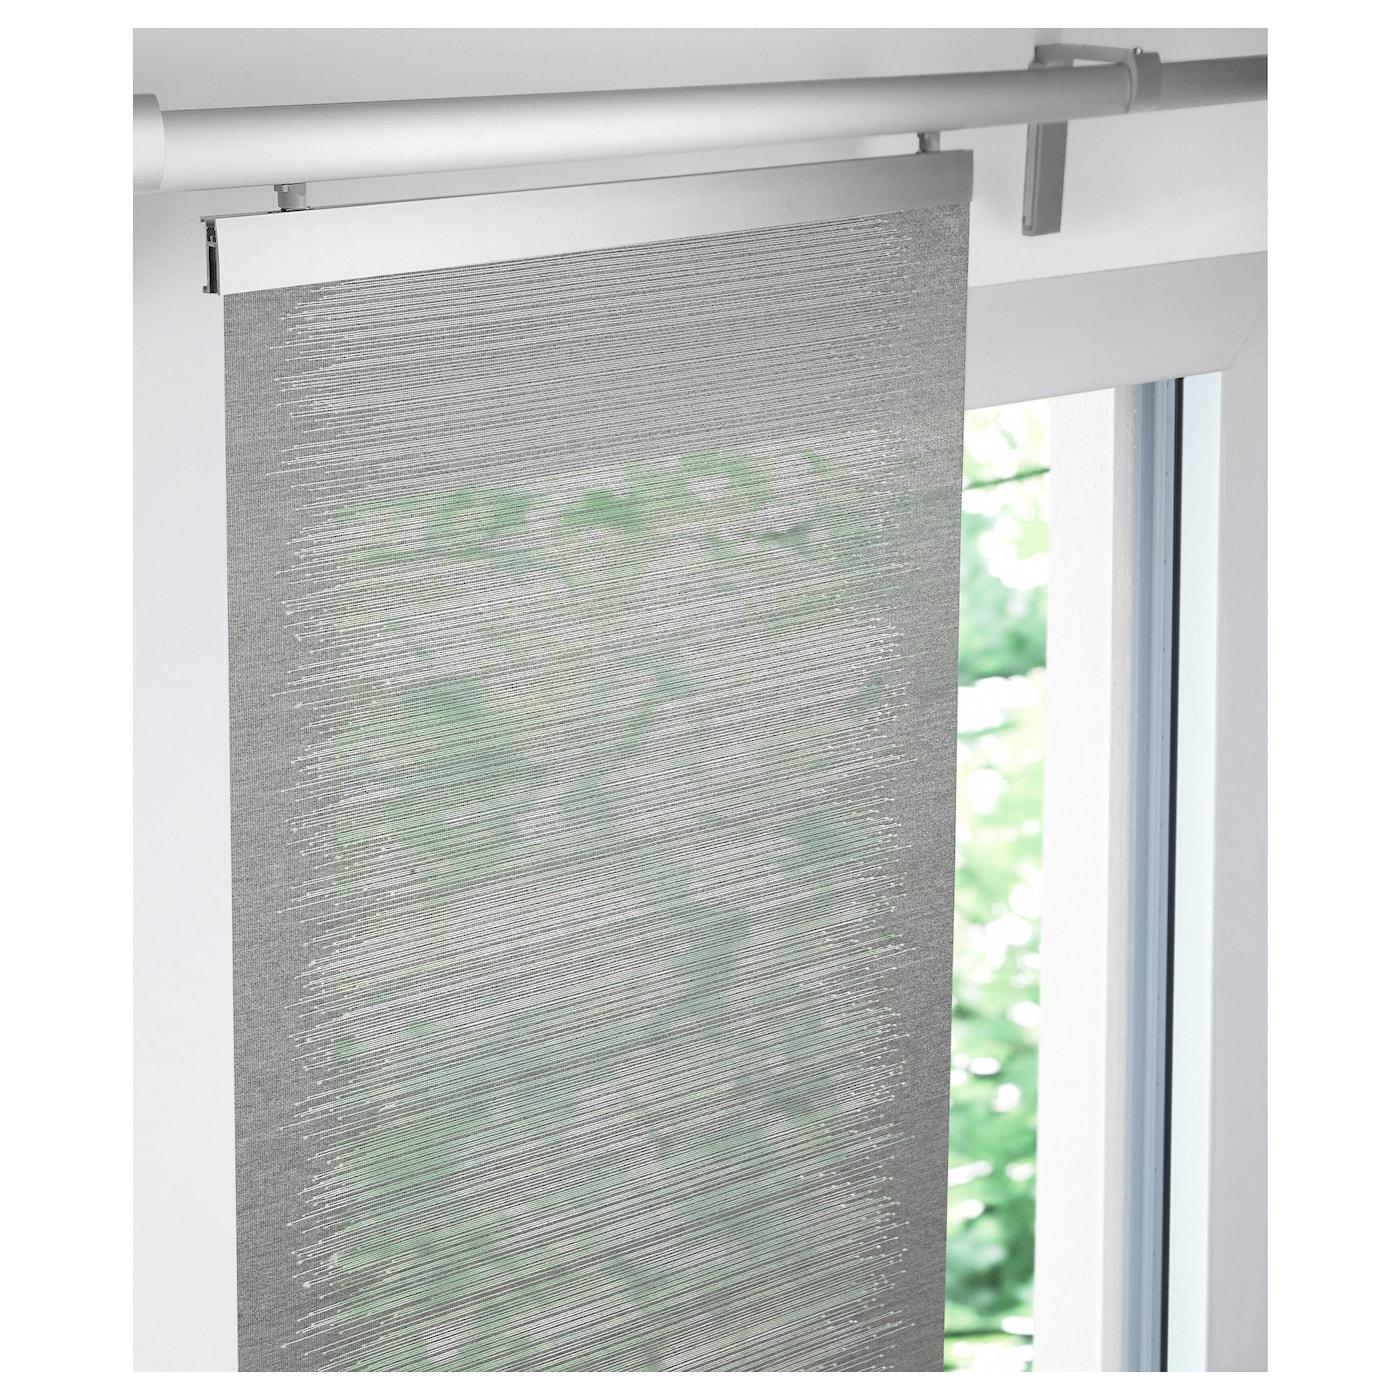 vattenax panneau gris blanc 60 x 300 cm ikea. Black Bedroom Furniture Sets. Home Design Ideas